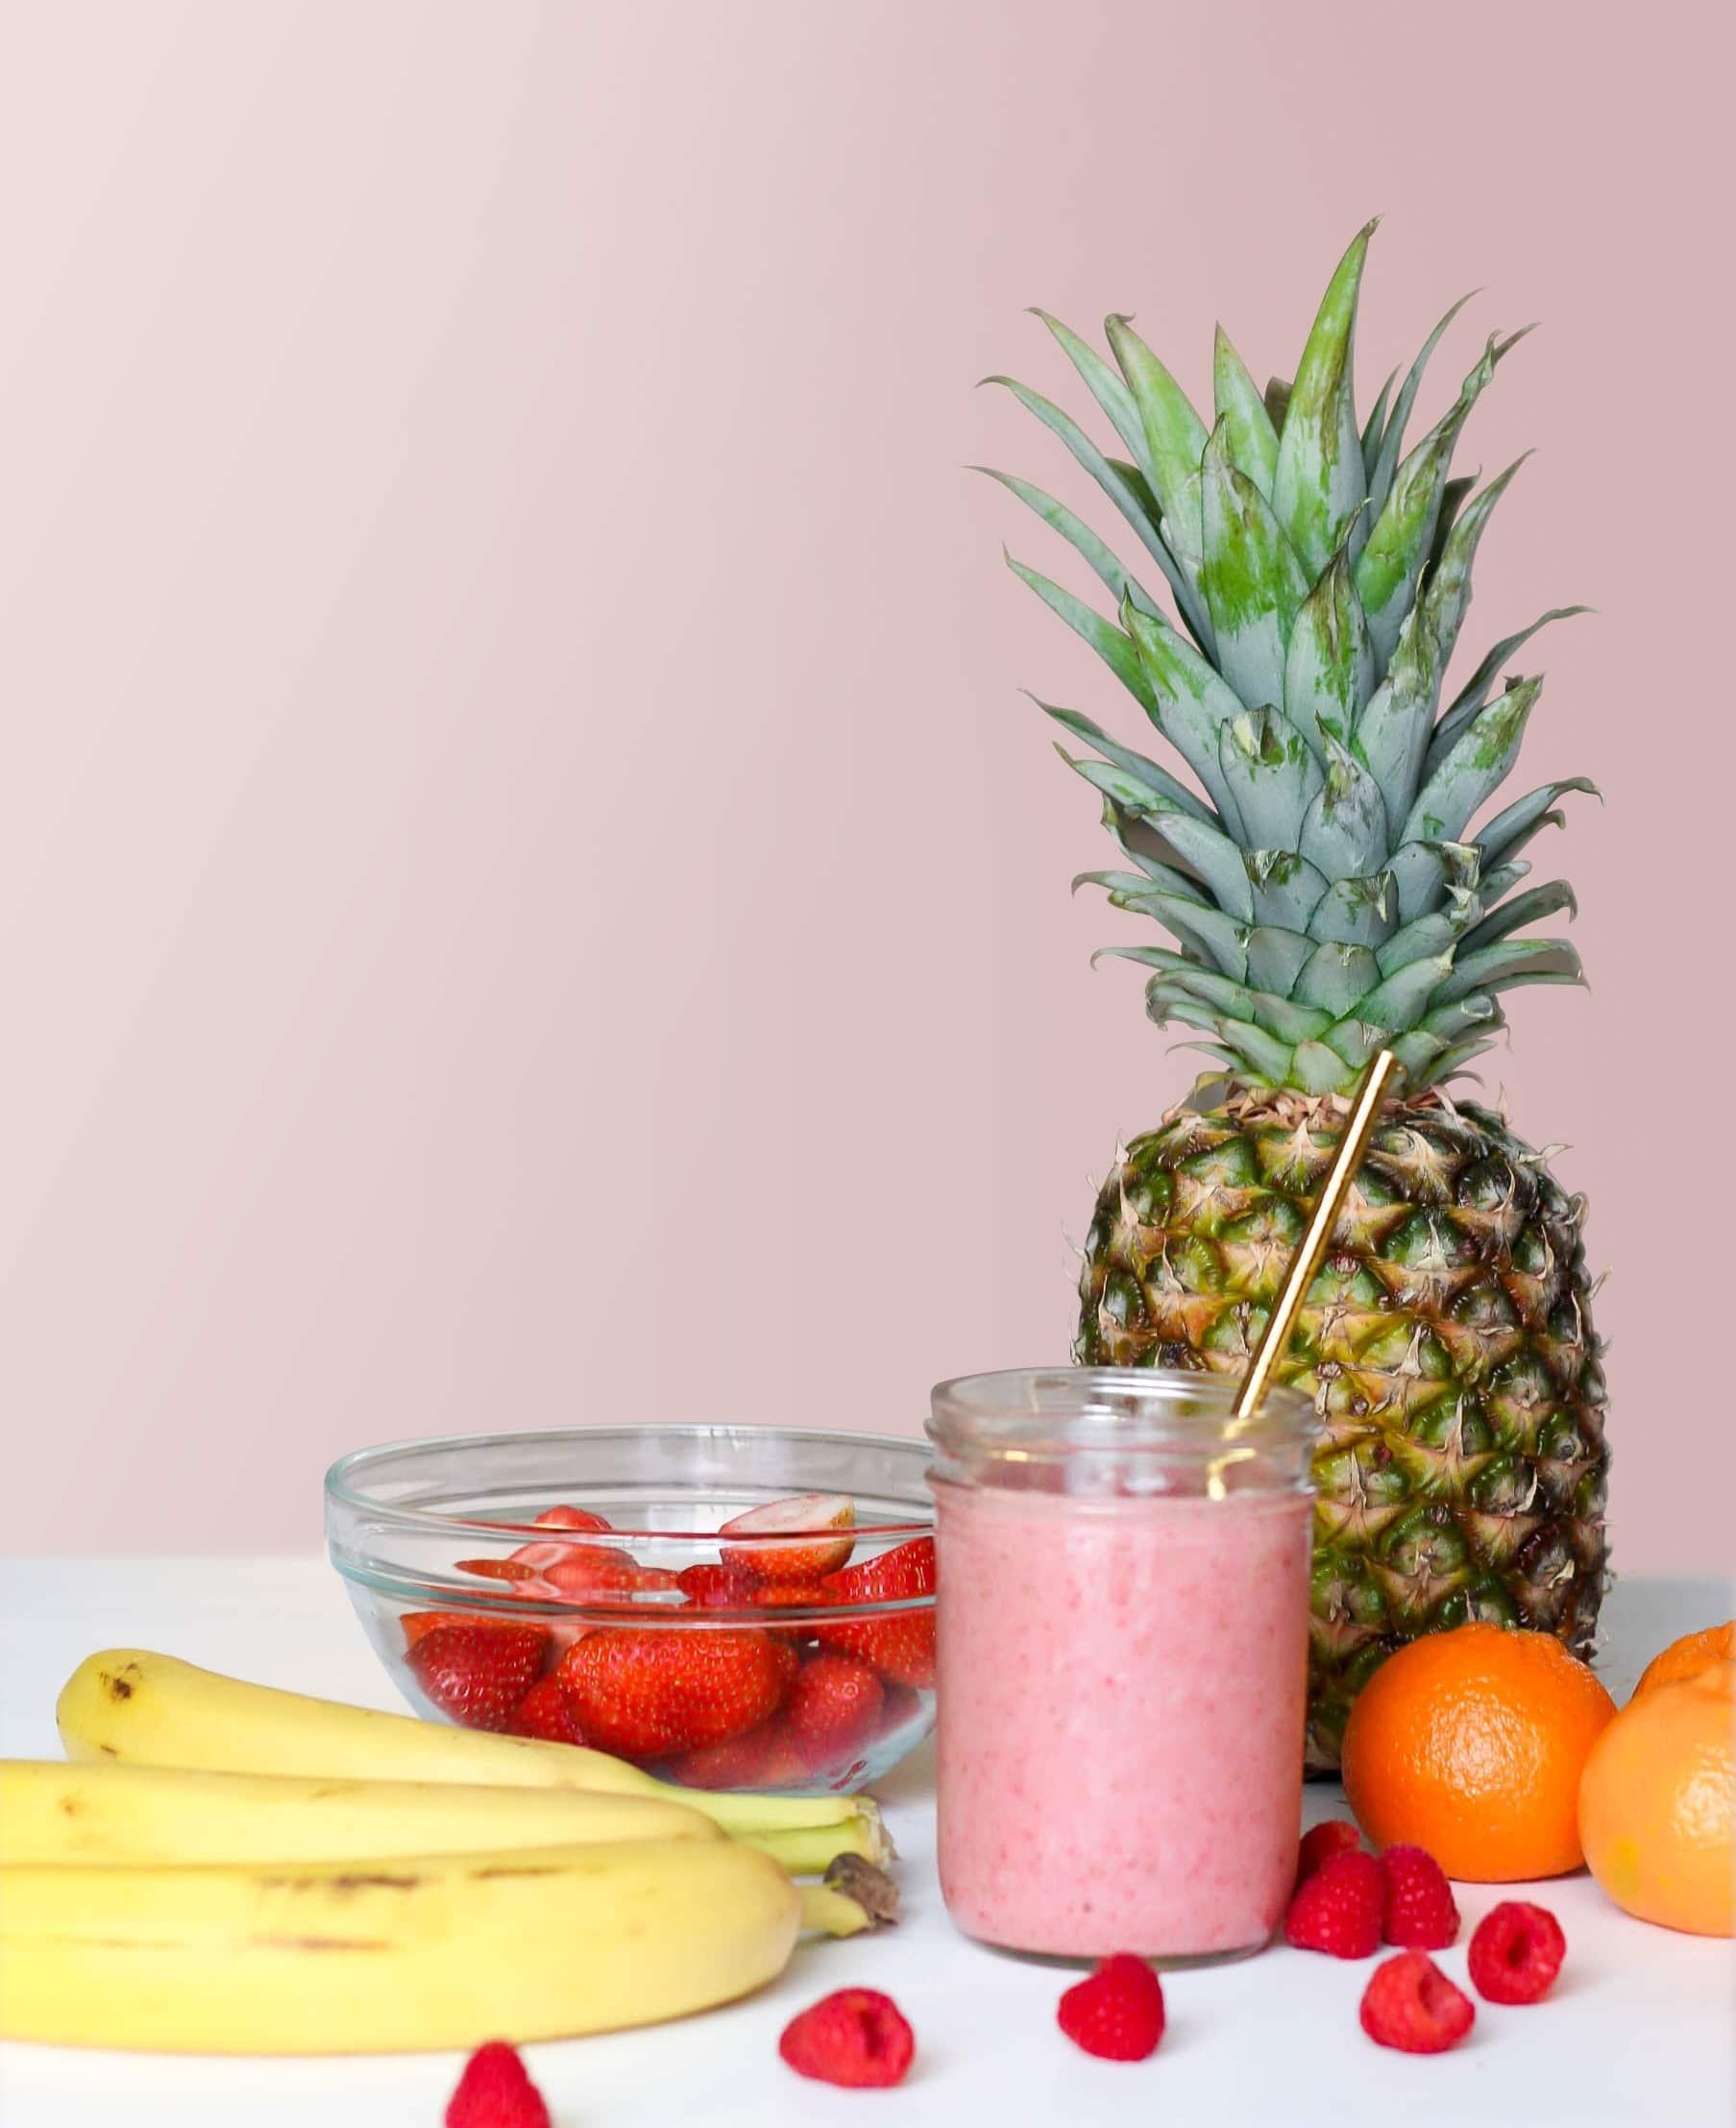 imagen de frutas pinya